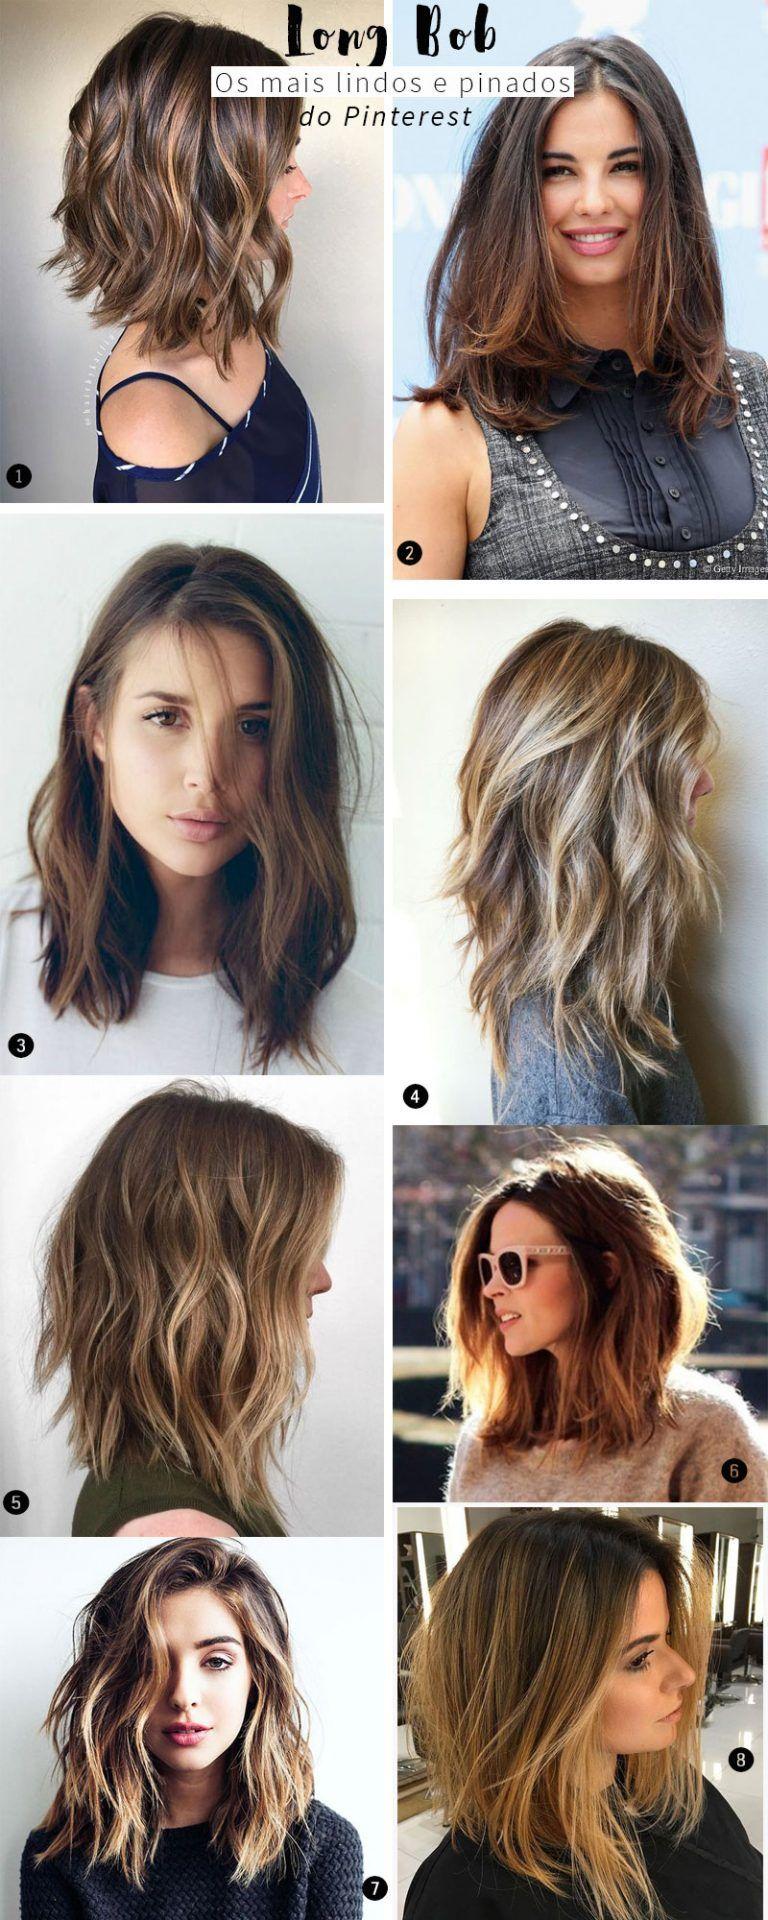 Corte long bob os mais lindos e pinados do pinterest hair style